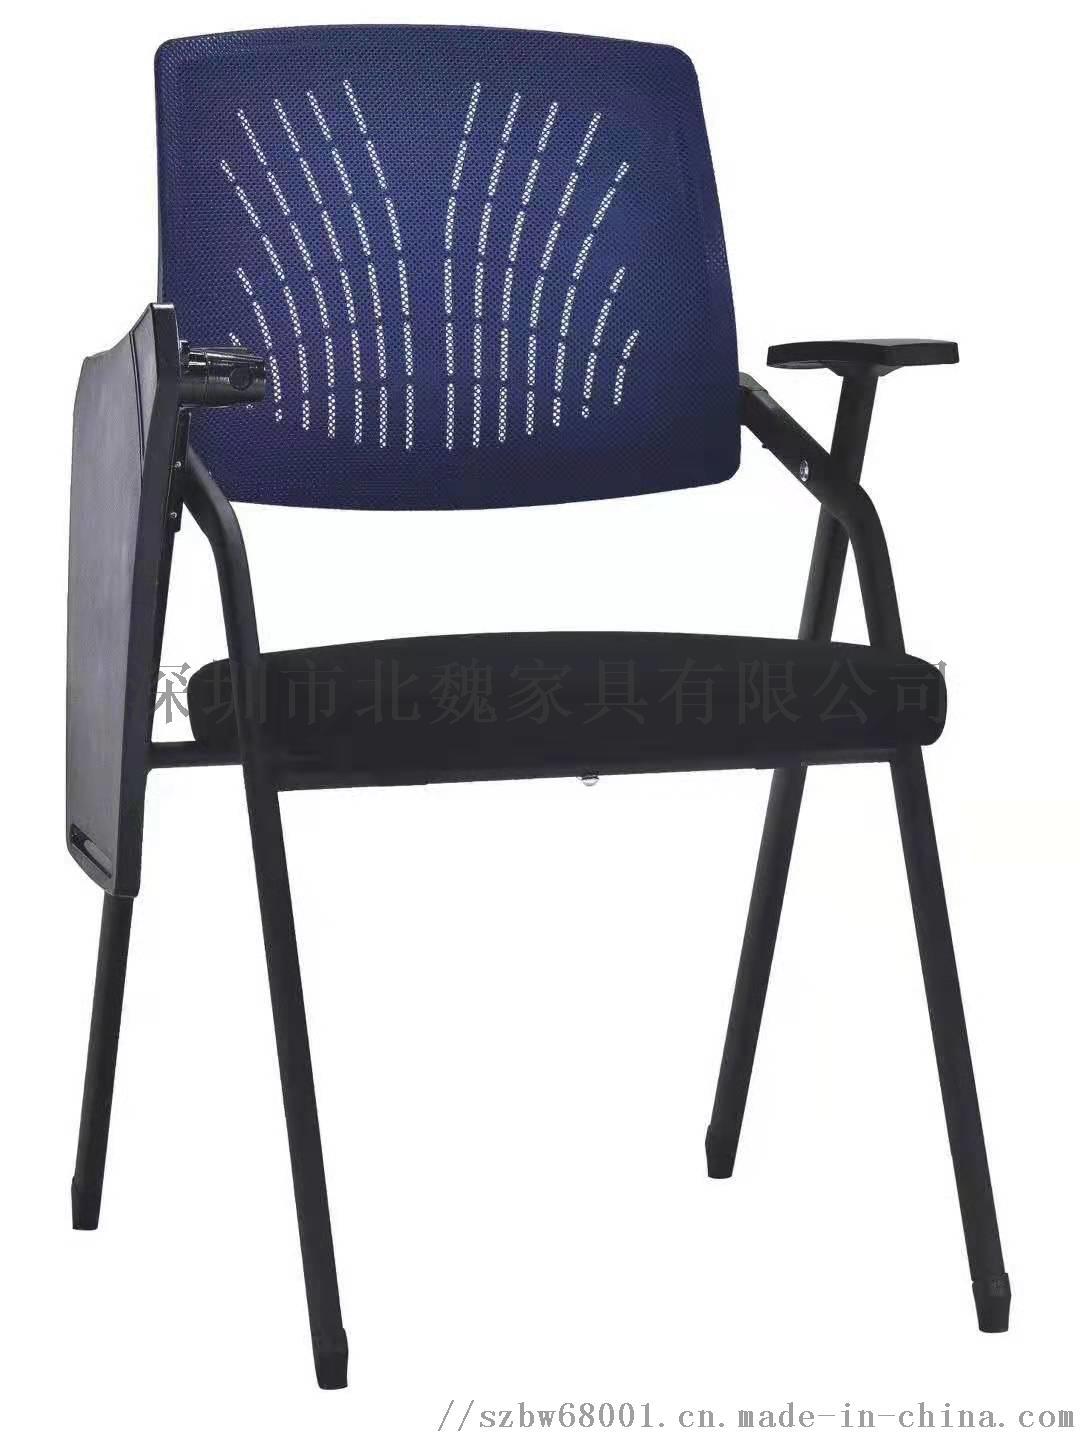 智慧学习桌椅-互动课堂桌椅-培训桌学习桌122959165